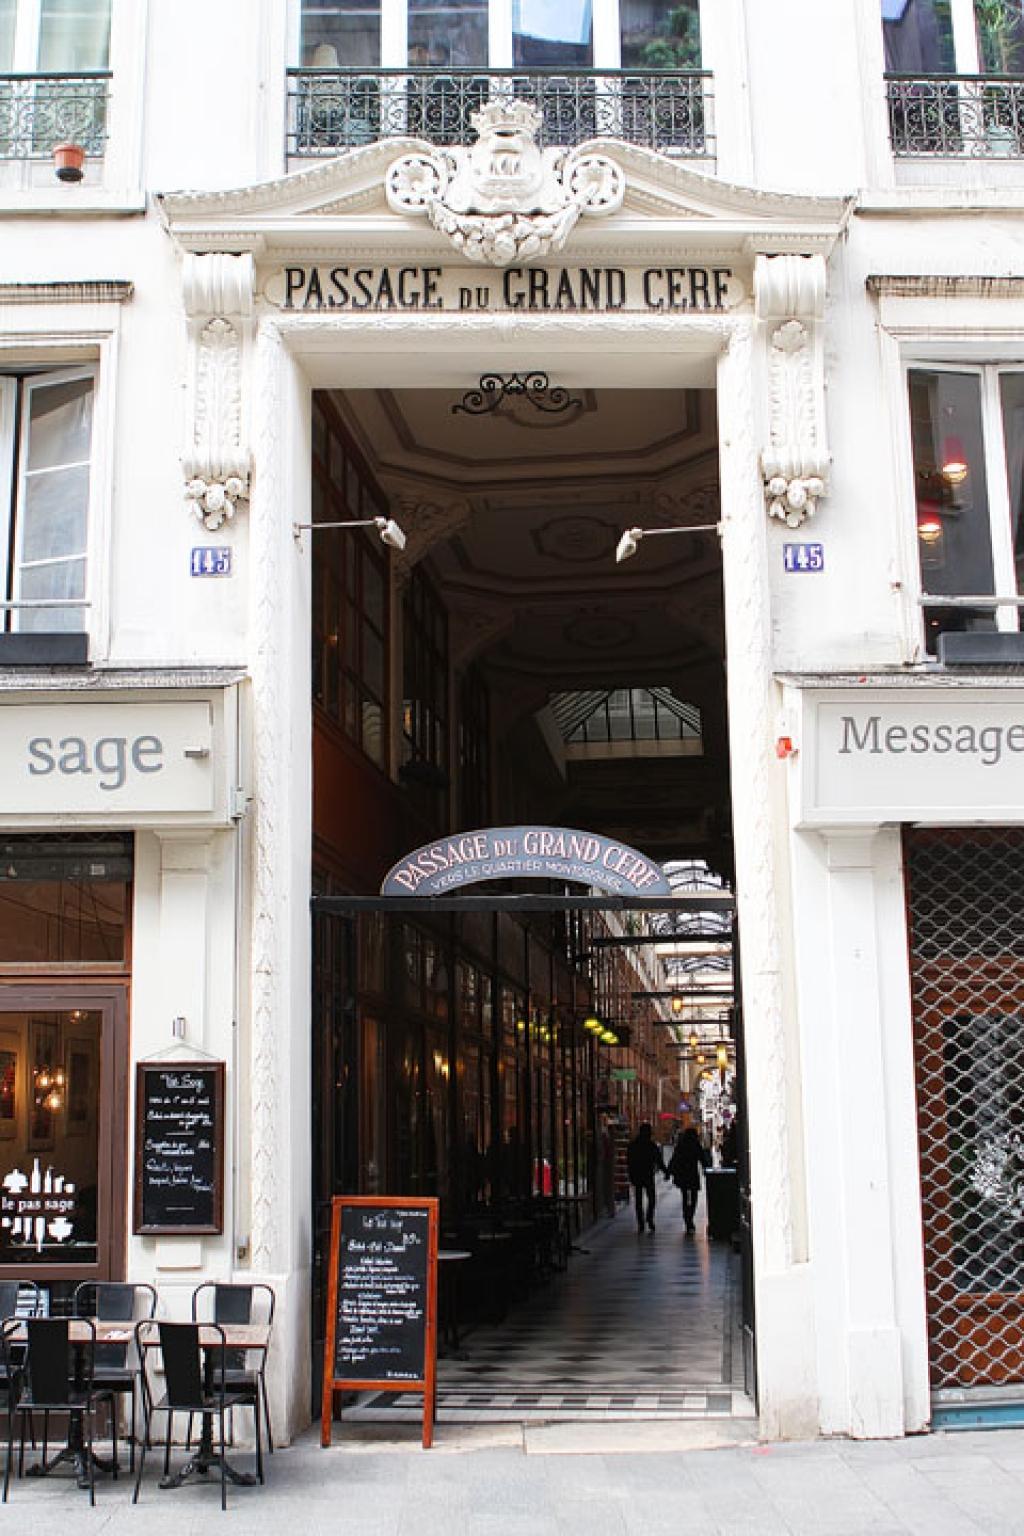 la sorbonne faaade catac nord de la. Ces Petits Coins Cachs De Paris Vous Donneront Le Got Vader La Sorbonne Faaade Catac Nord